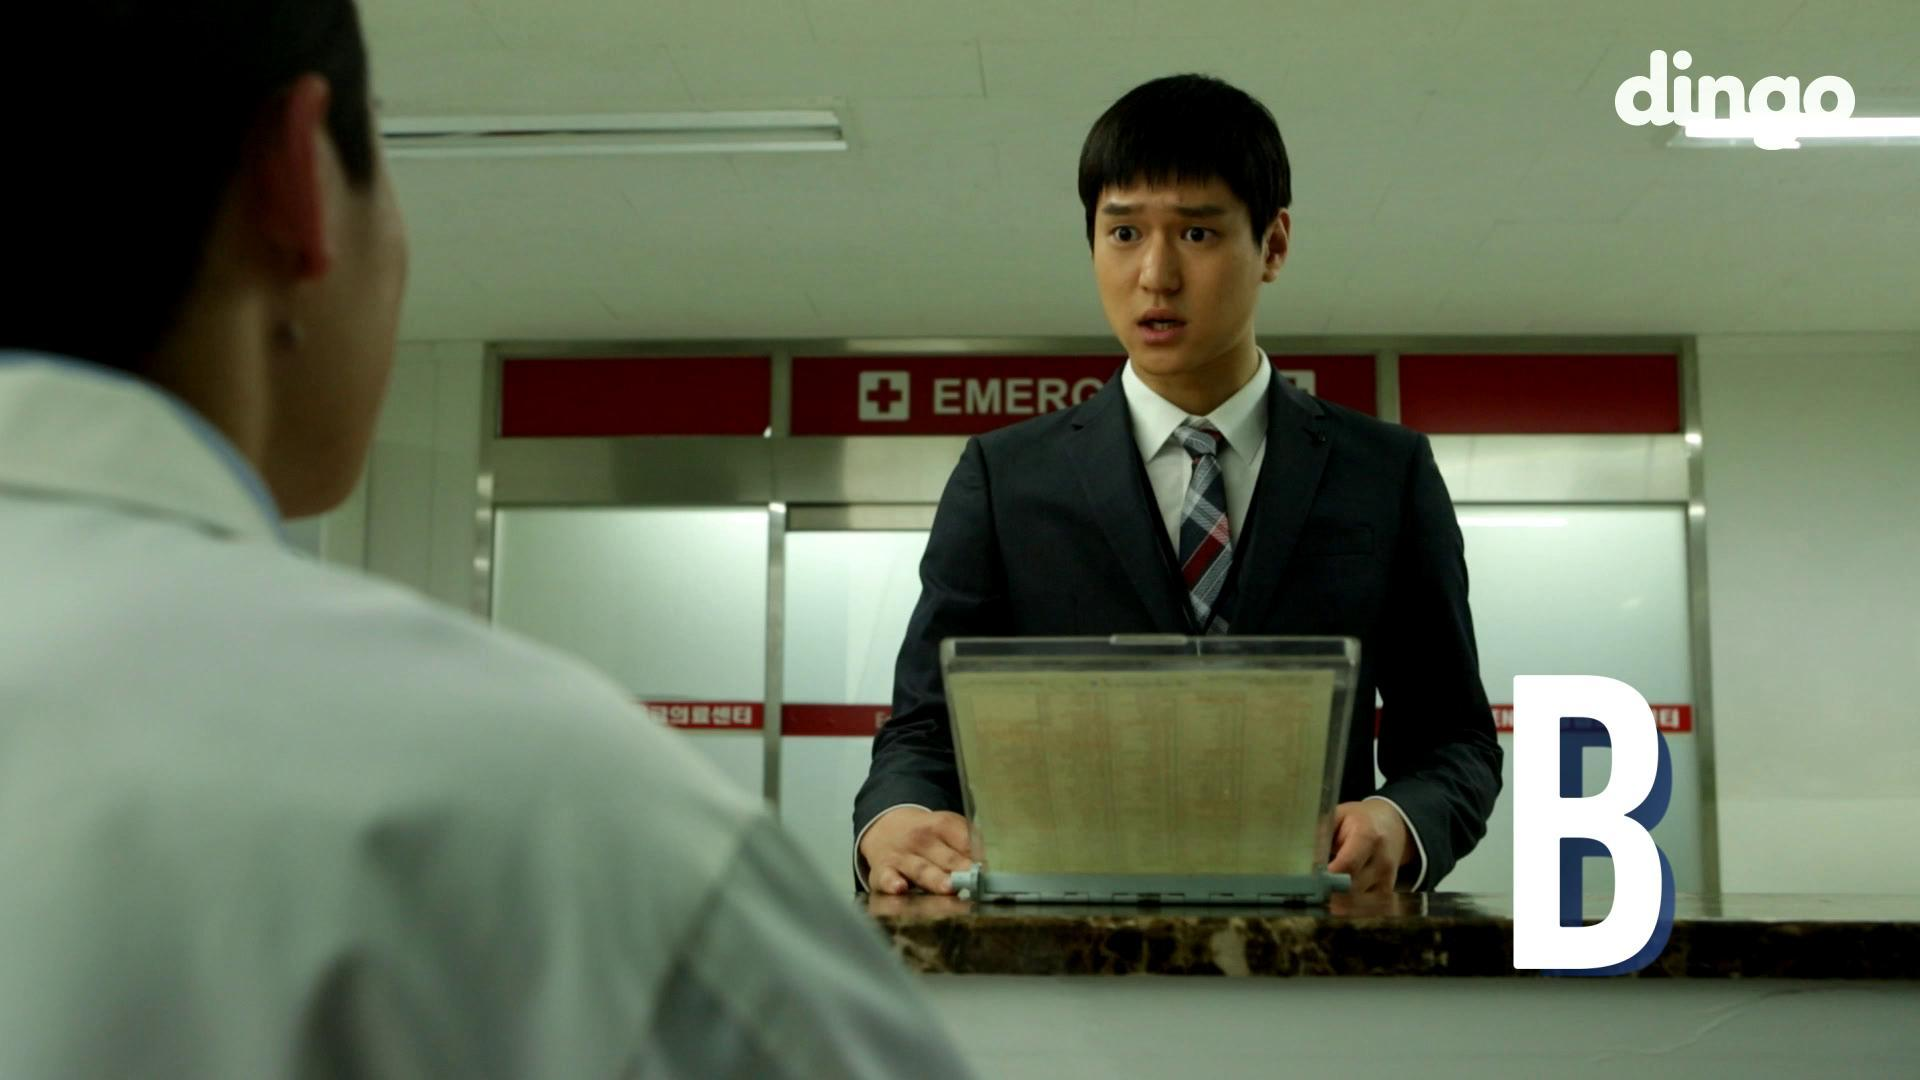 [혈액형] 7화 - 혈액형별 혈액형을 잘못 알았다는 걸 알았을 때 반응